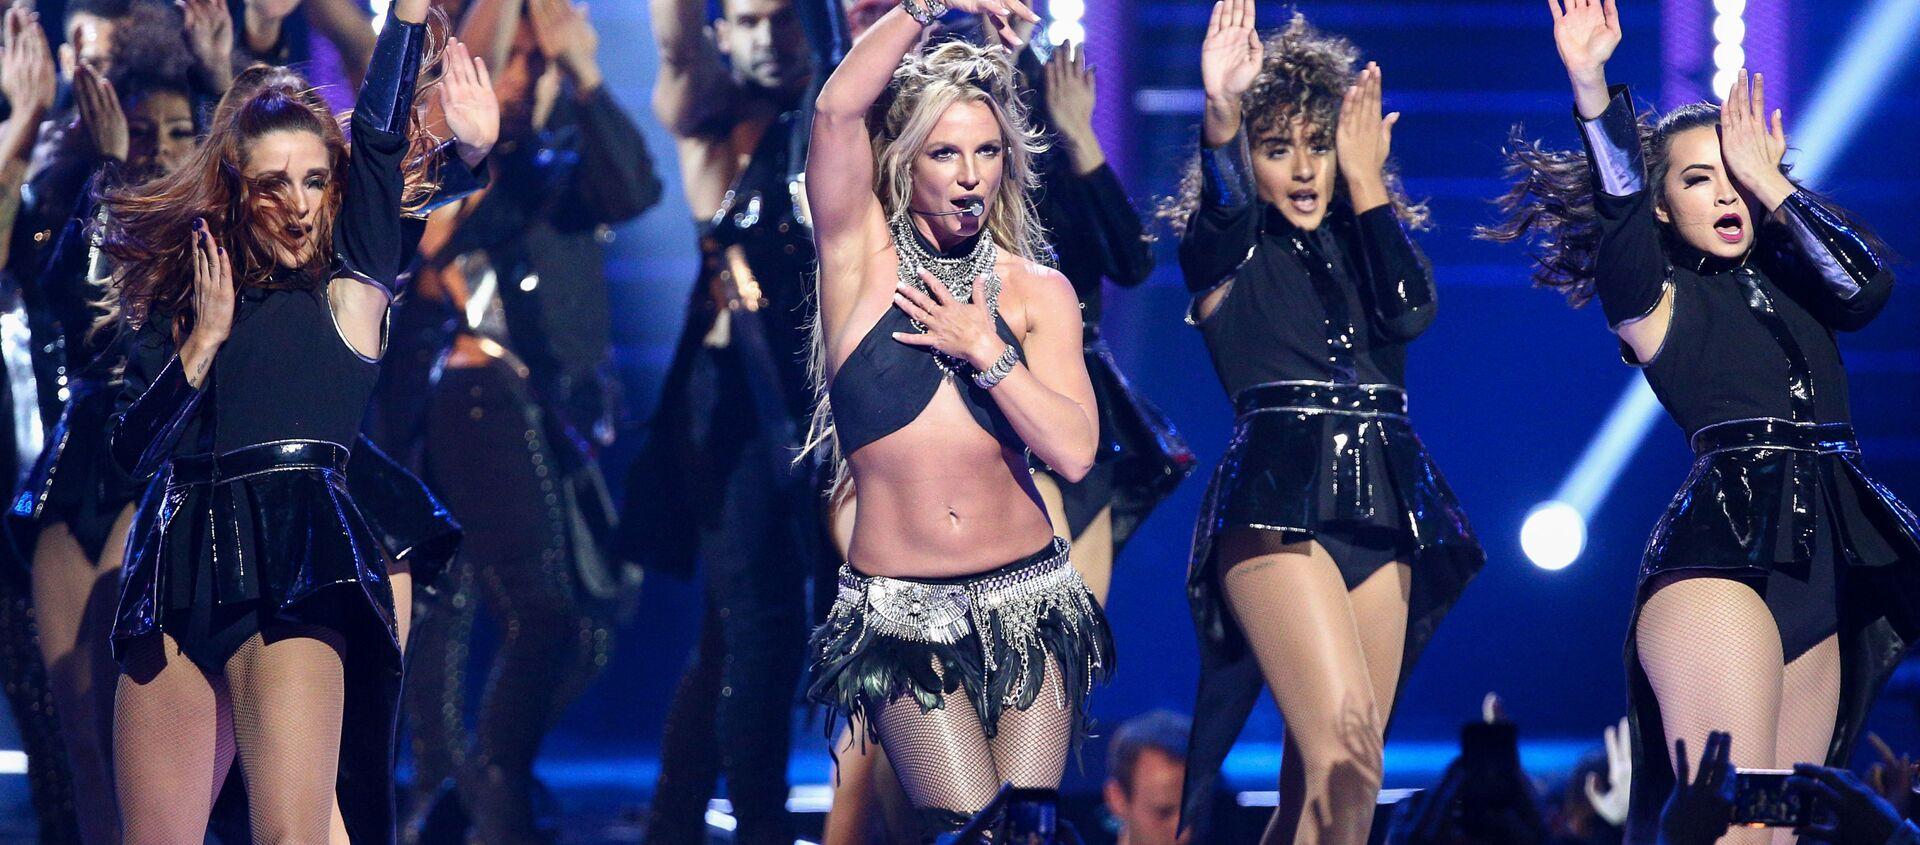 Britney Spears - Sputnik Polska, 1920, 16.01.2020